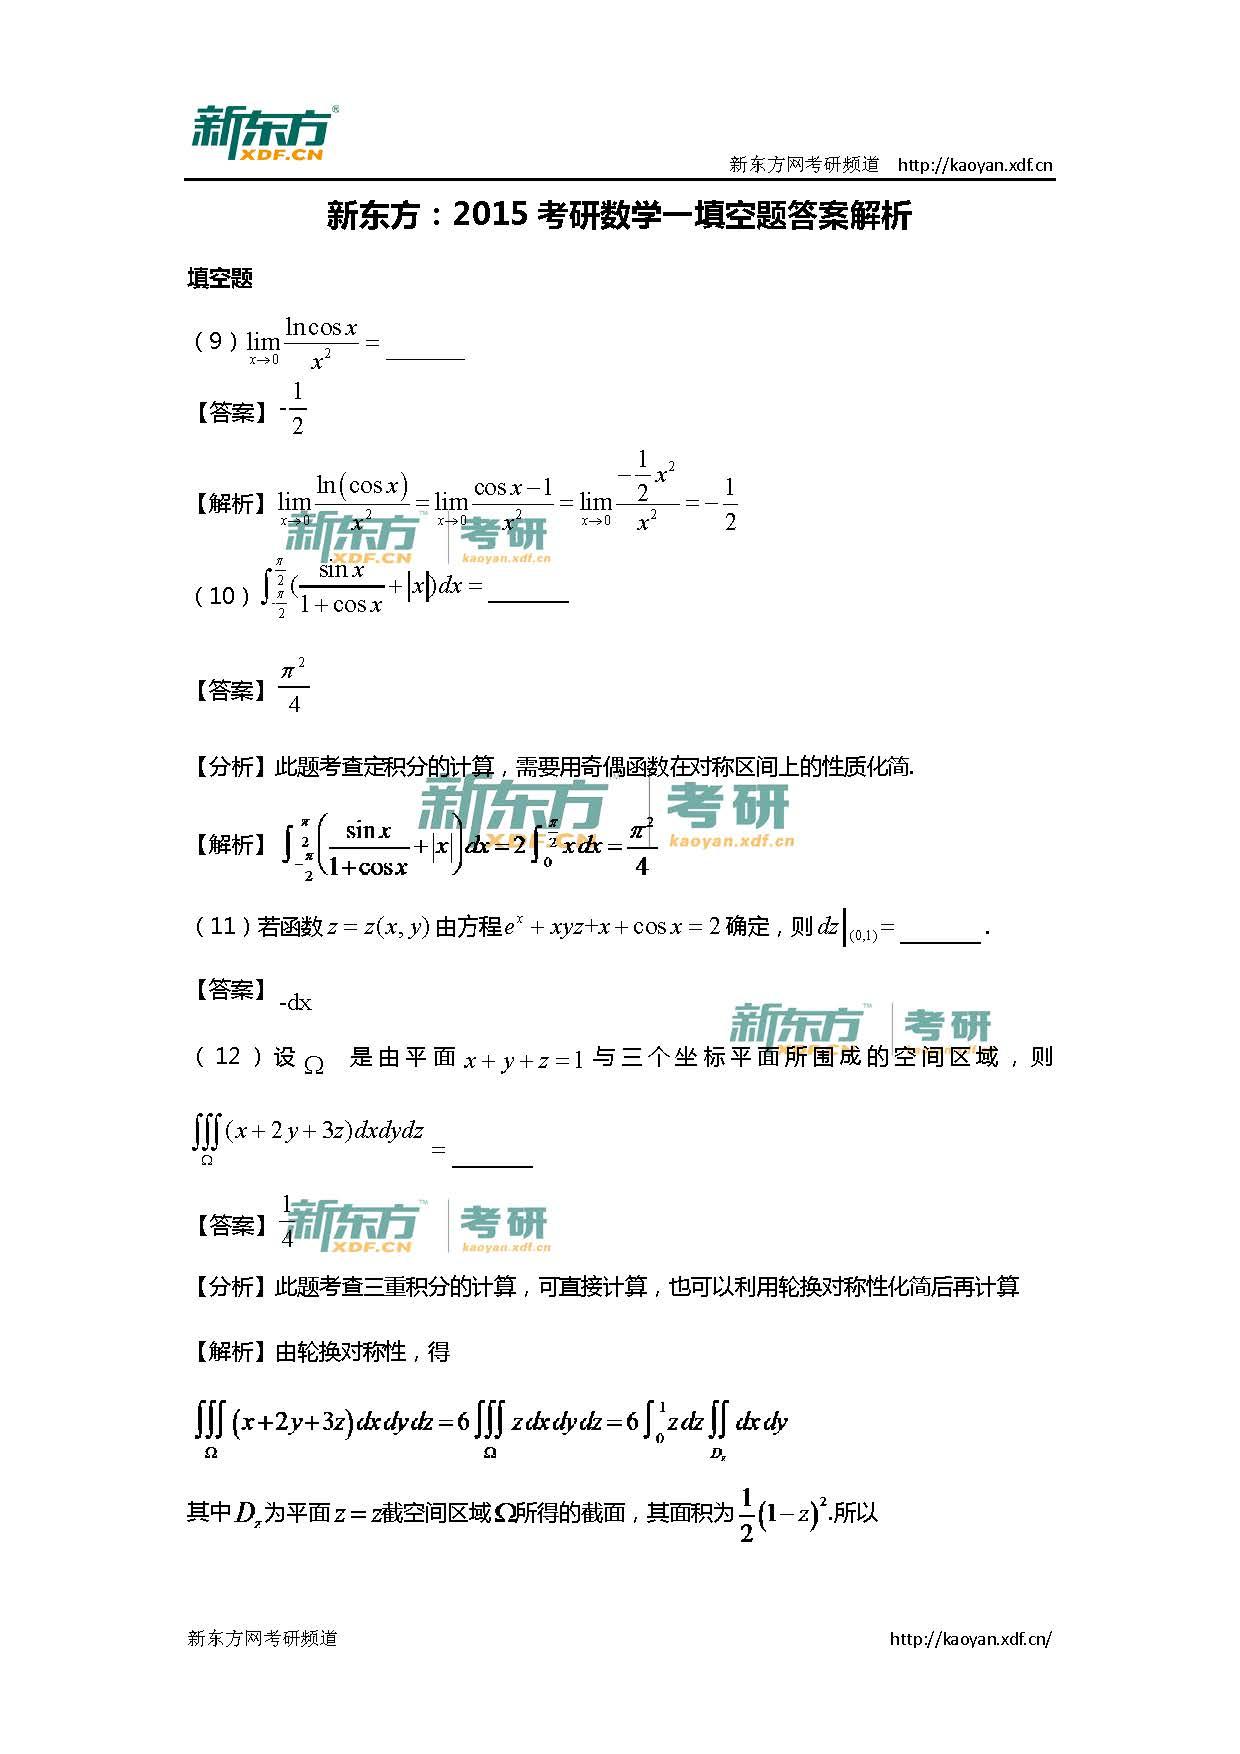 新东方:2015考研数学一填空题答案解析